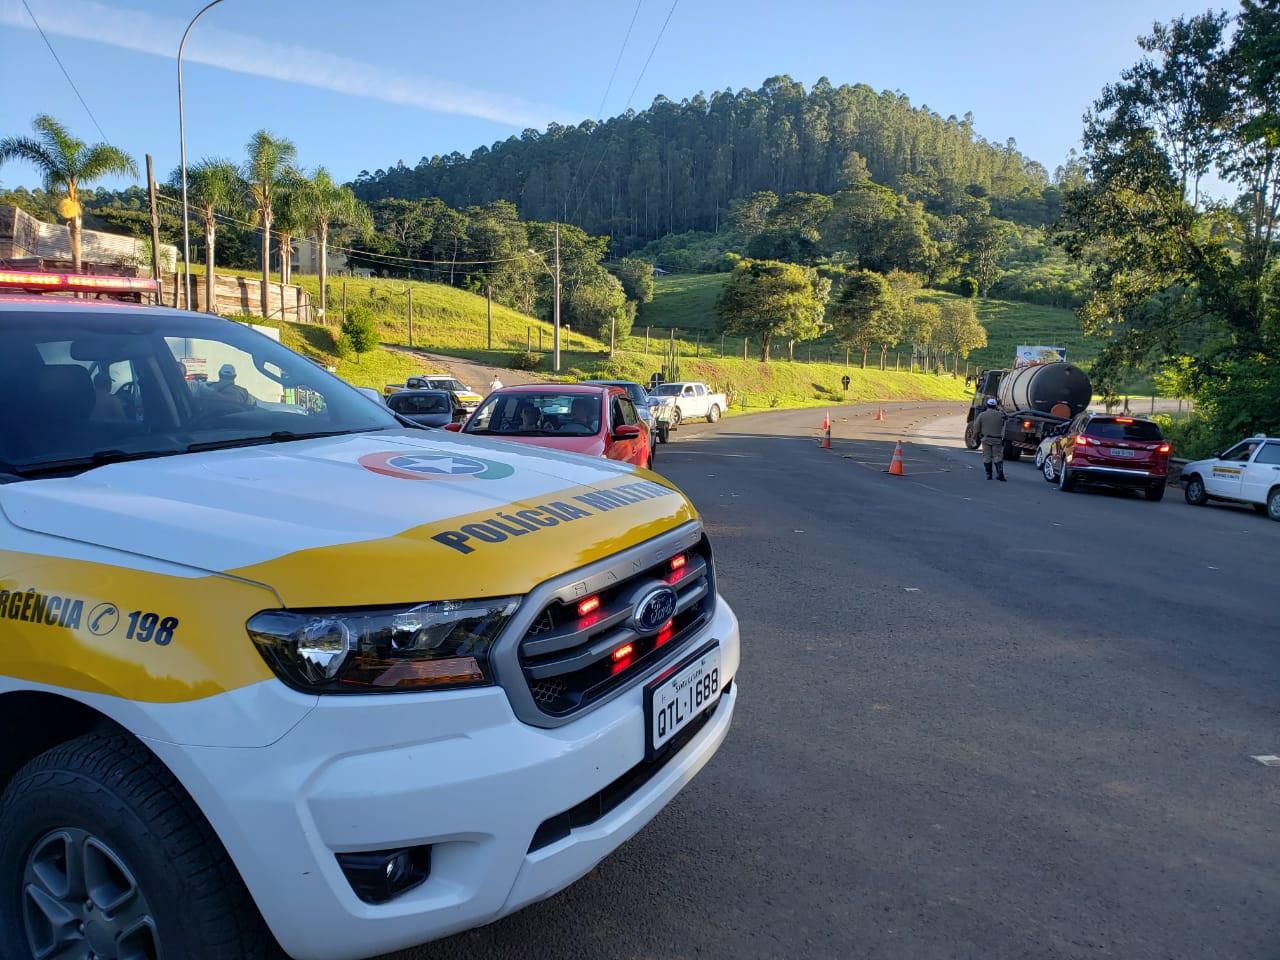 PMRv constata aumento na incidência de motoristas dirigindo embriagados na região